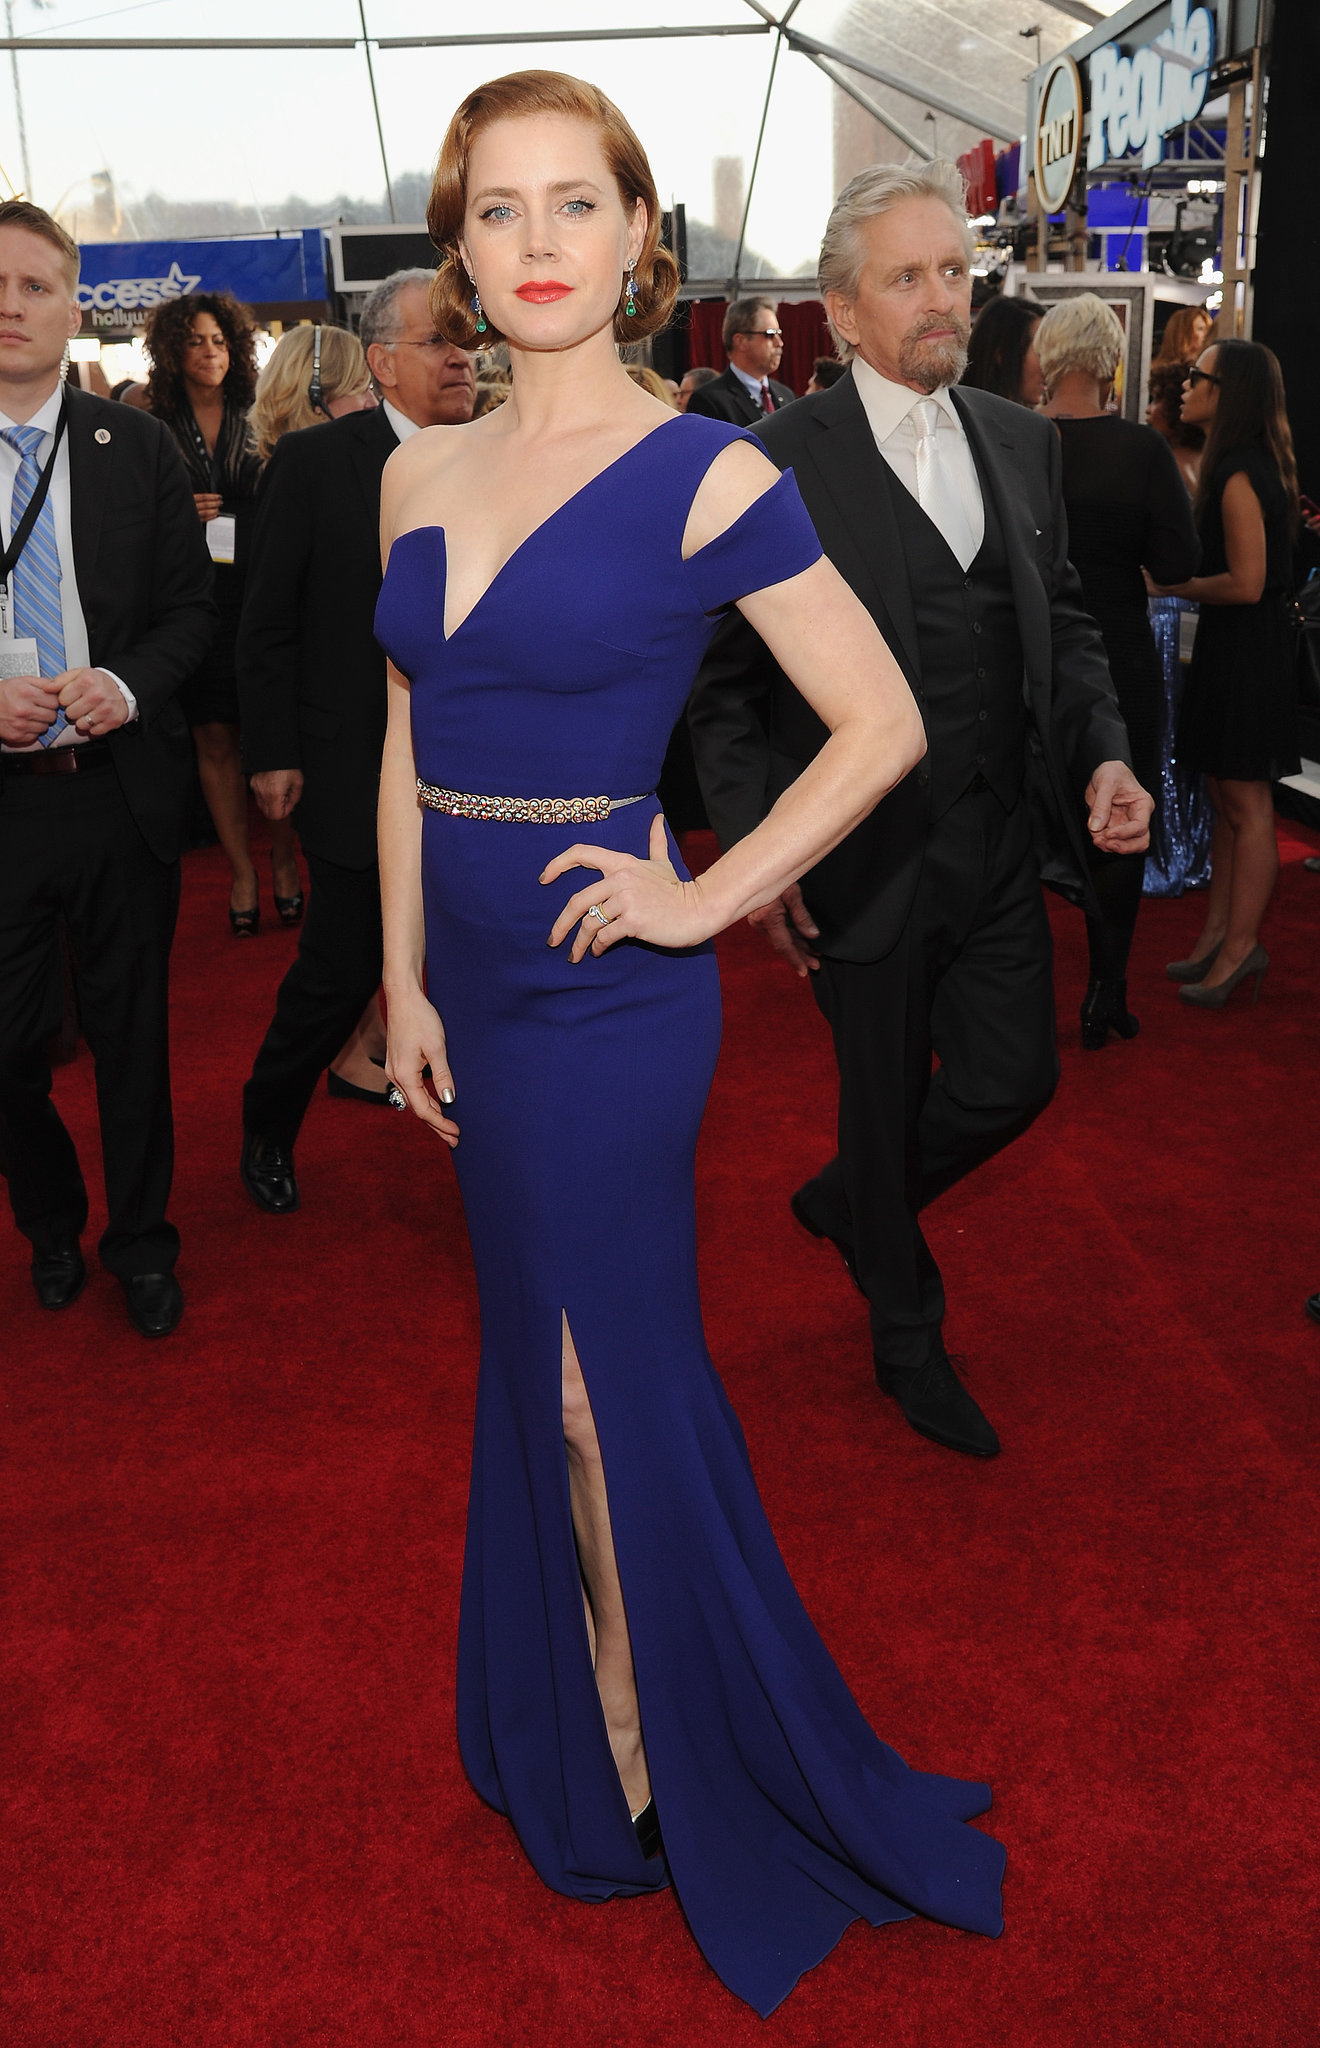 Amy Adams at the SAG Awards 2014